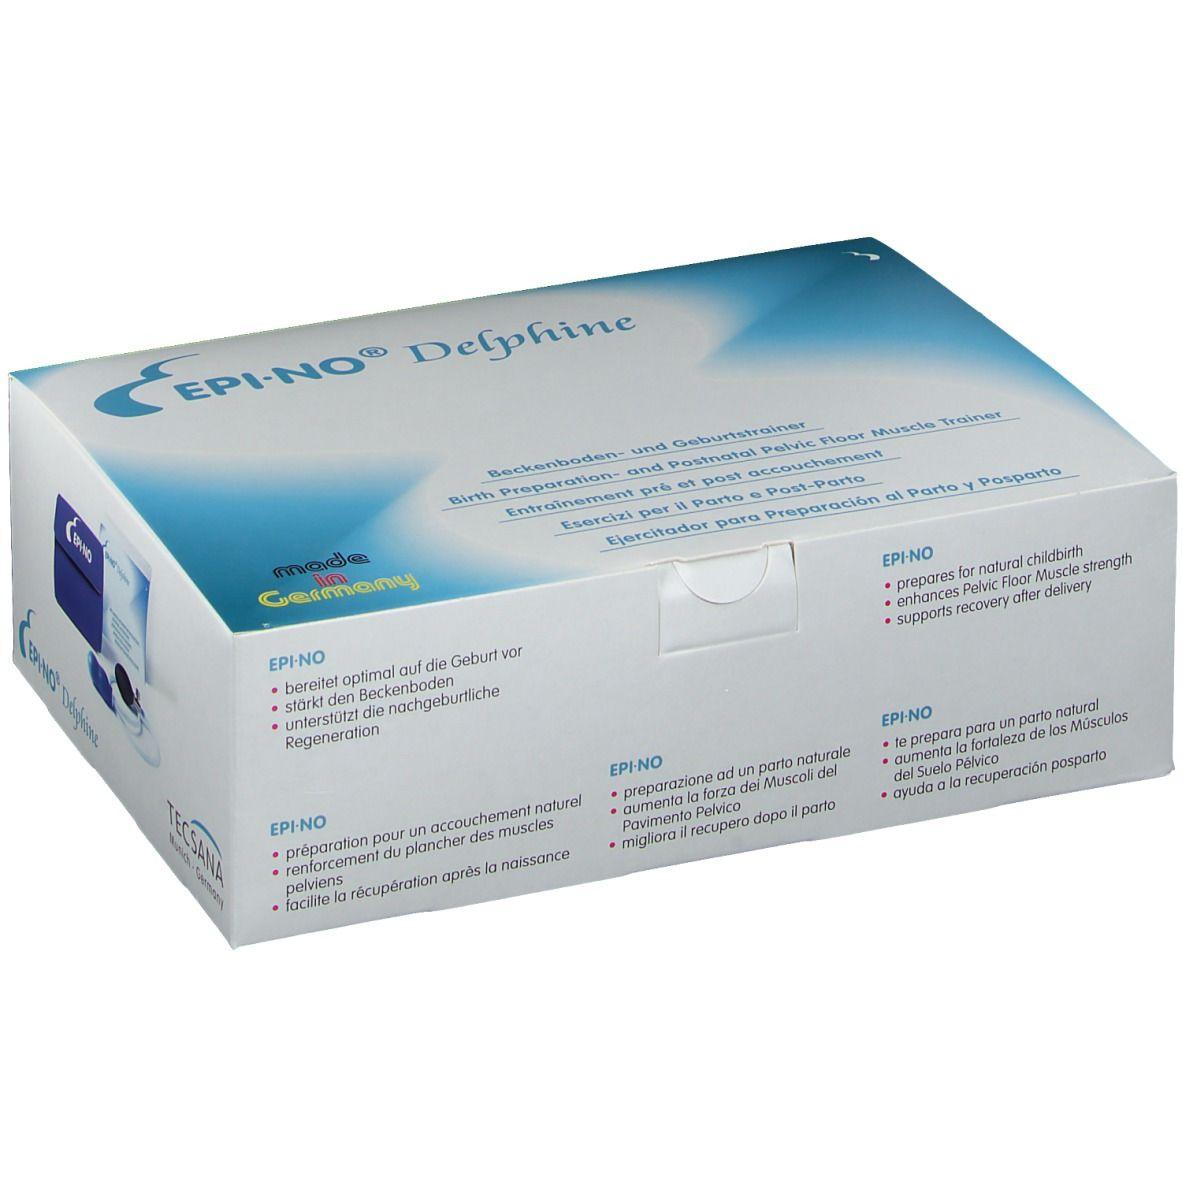 EPINO Delphine 1 St 02534616